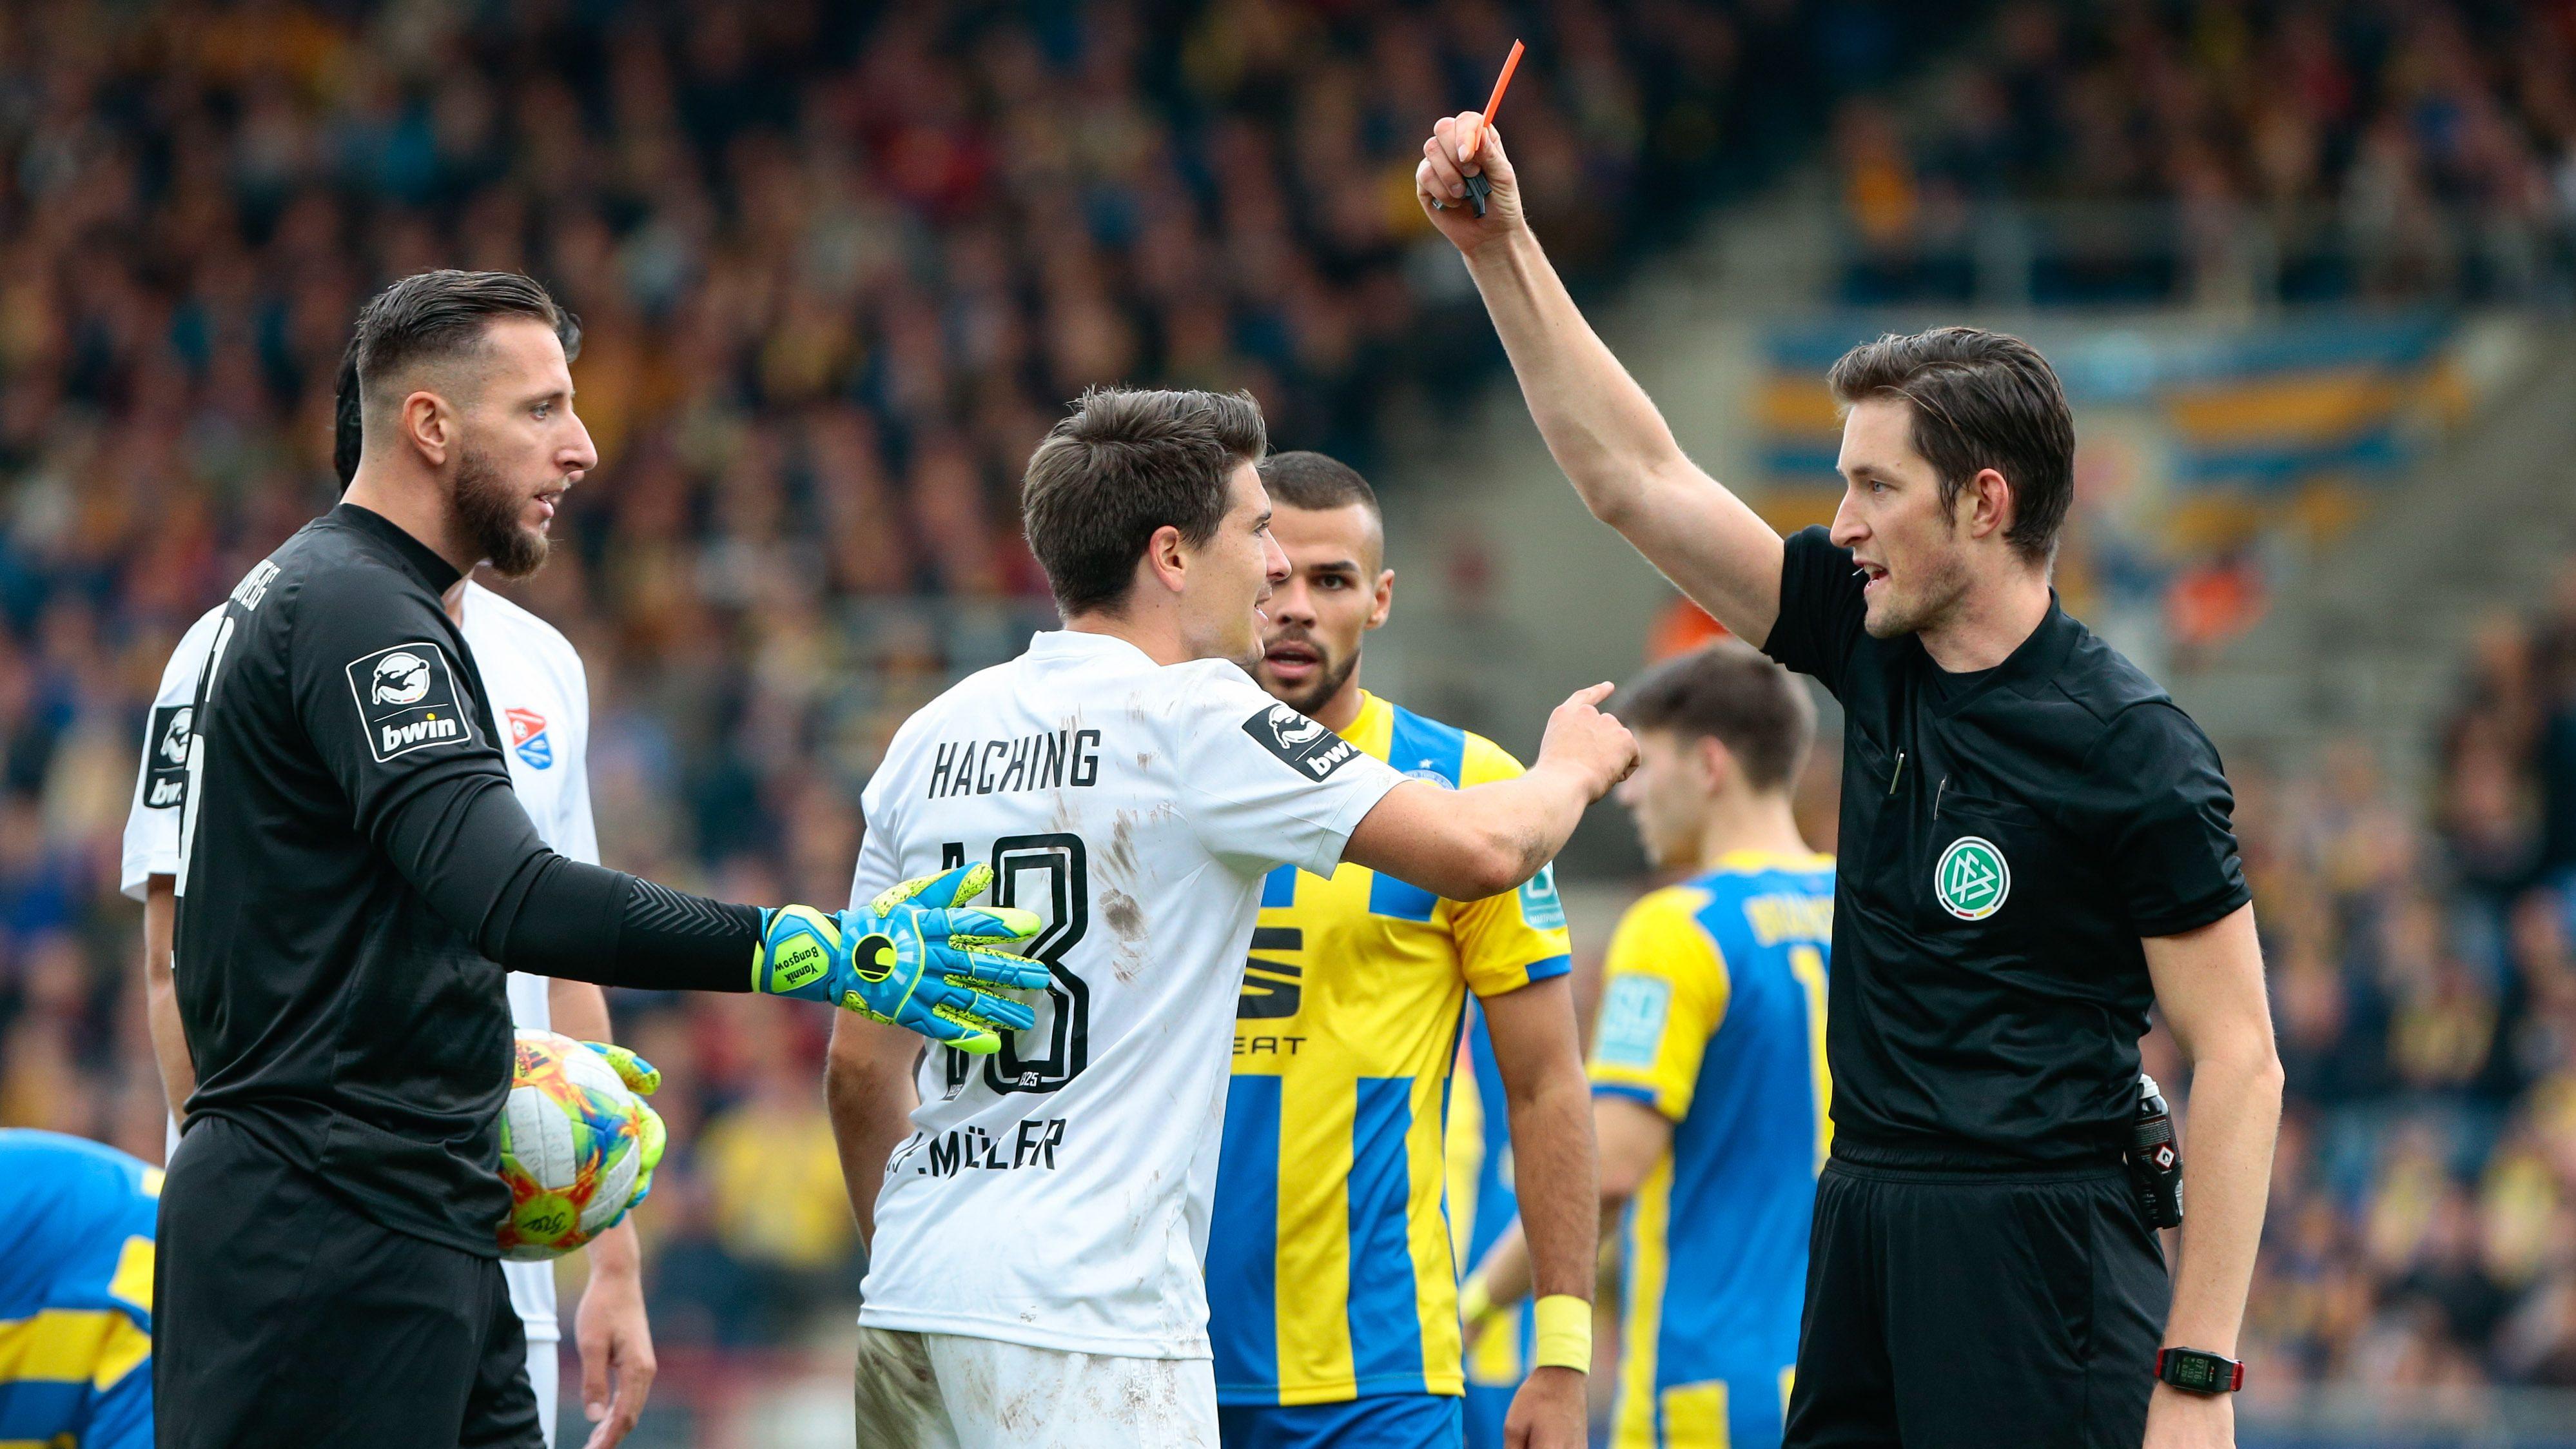 Gelb-Rote Karte für Unterhachings Jim-Patrick Müller im Spiel in Braunschweig